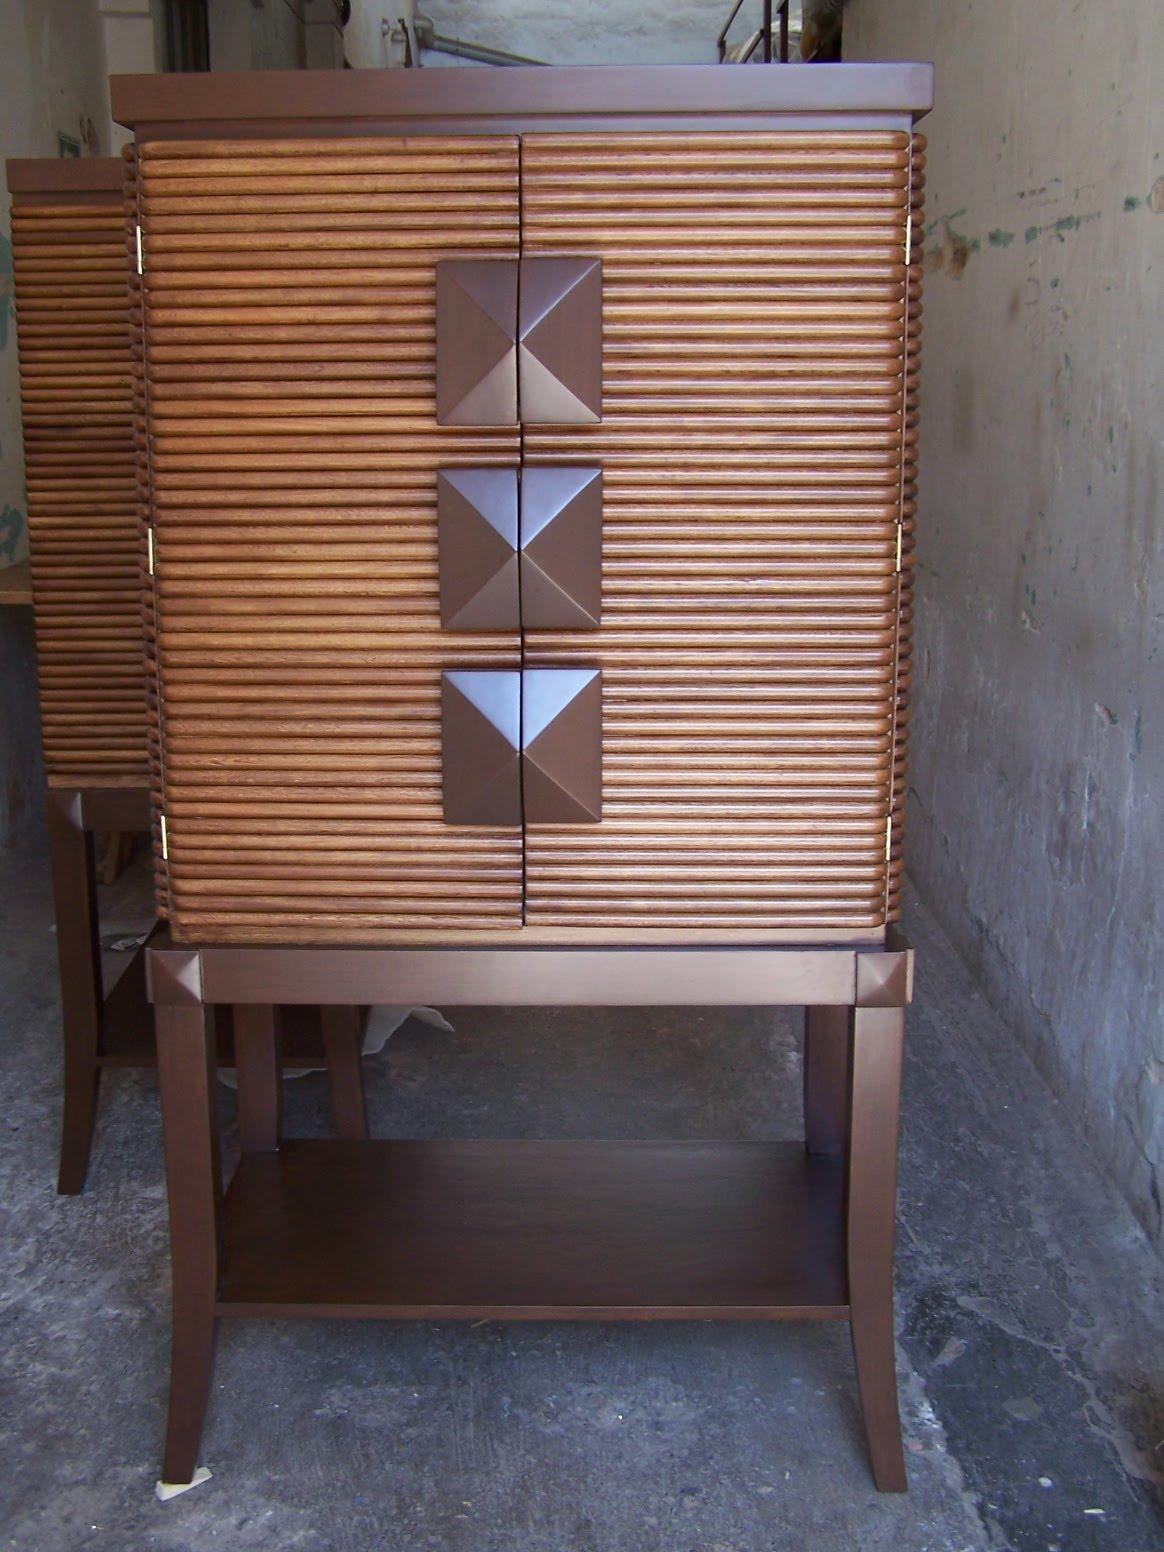 Confort y dise o en muebles sa de cv - Confort y muebles ...